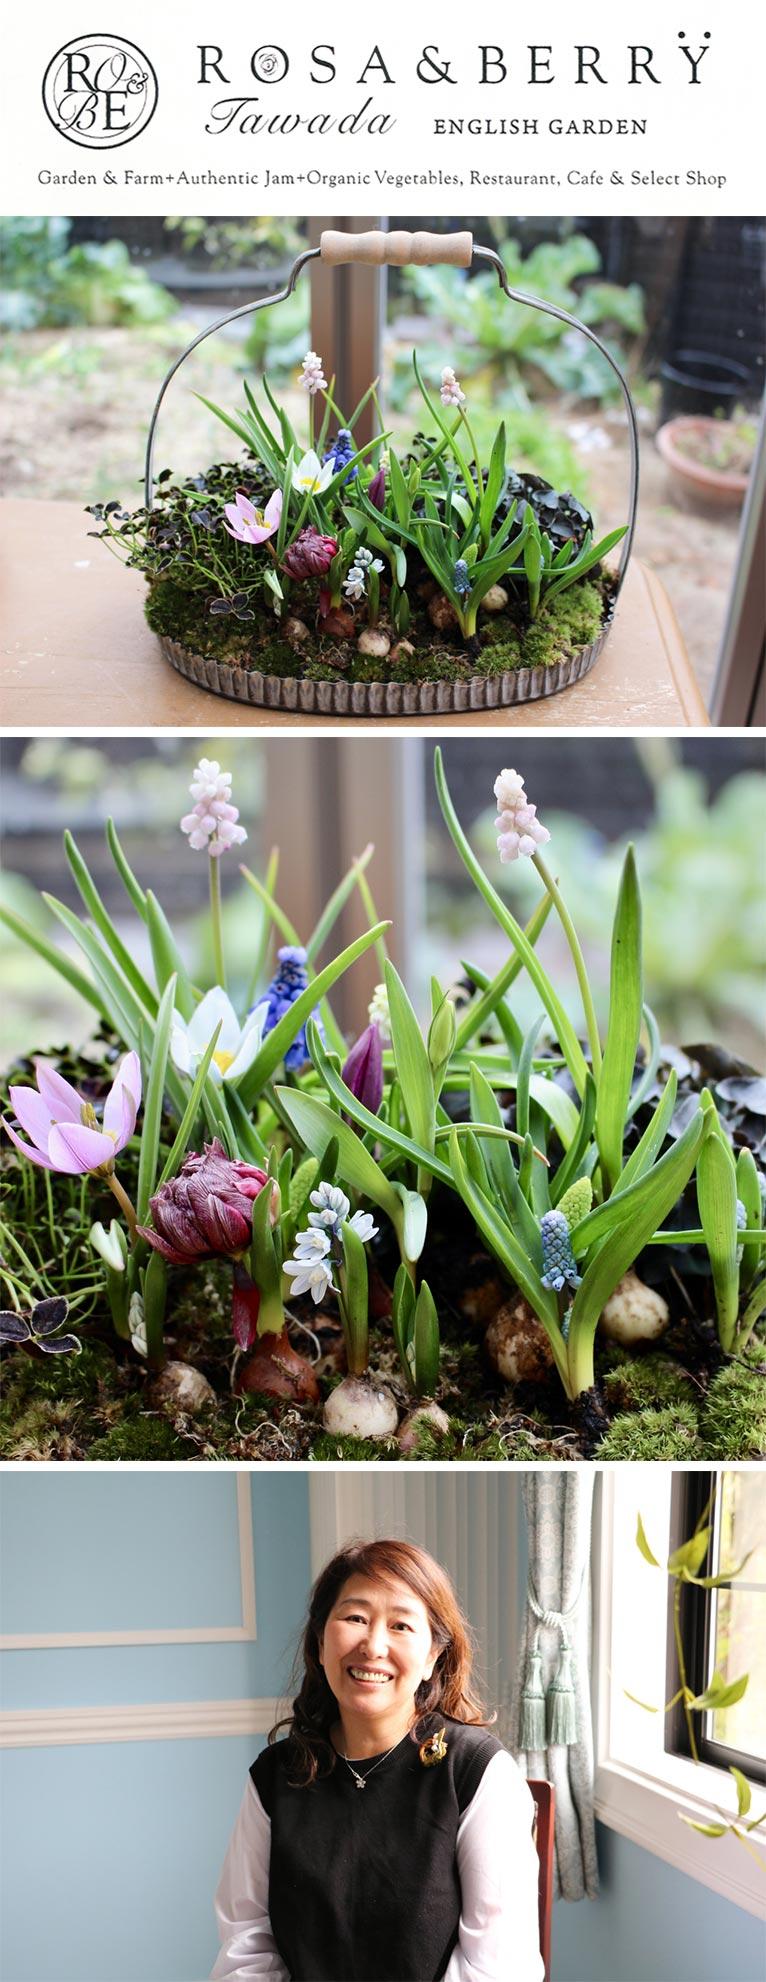 2021年2月20日 牧野博美先生による「籠森 季節の芽出し球根の寄せ植え」季節限定のレッスン! ROSA & BERRY Tawada ローザンベリー多和田